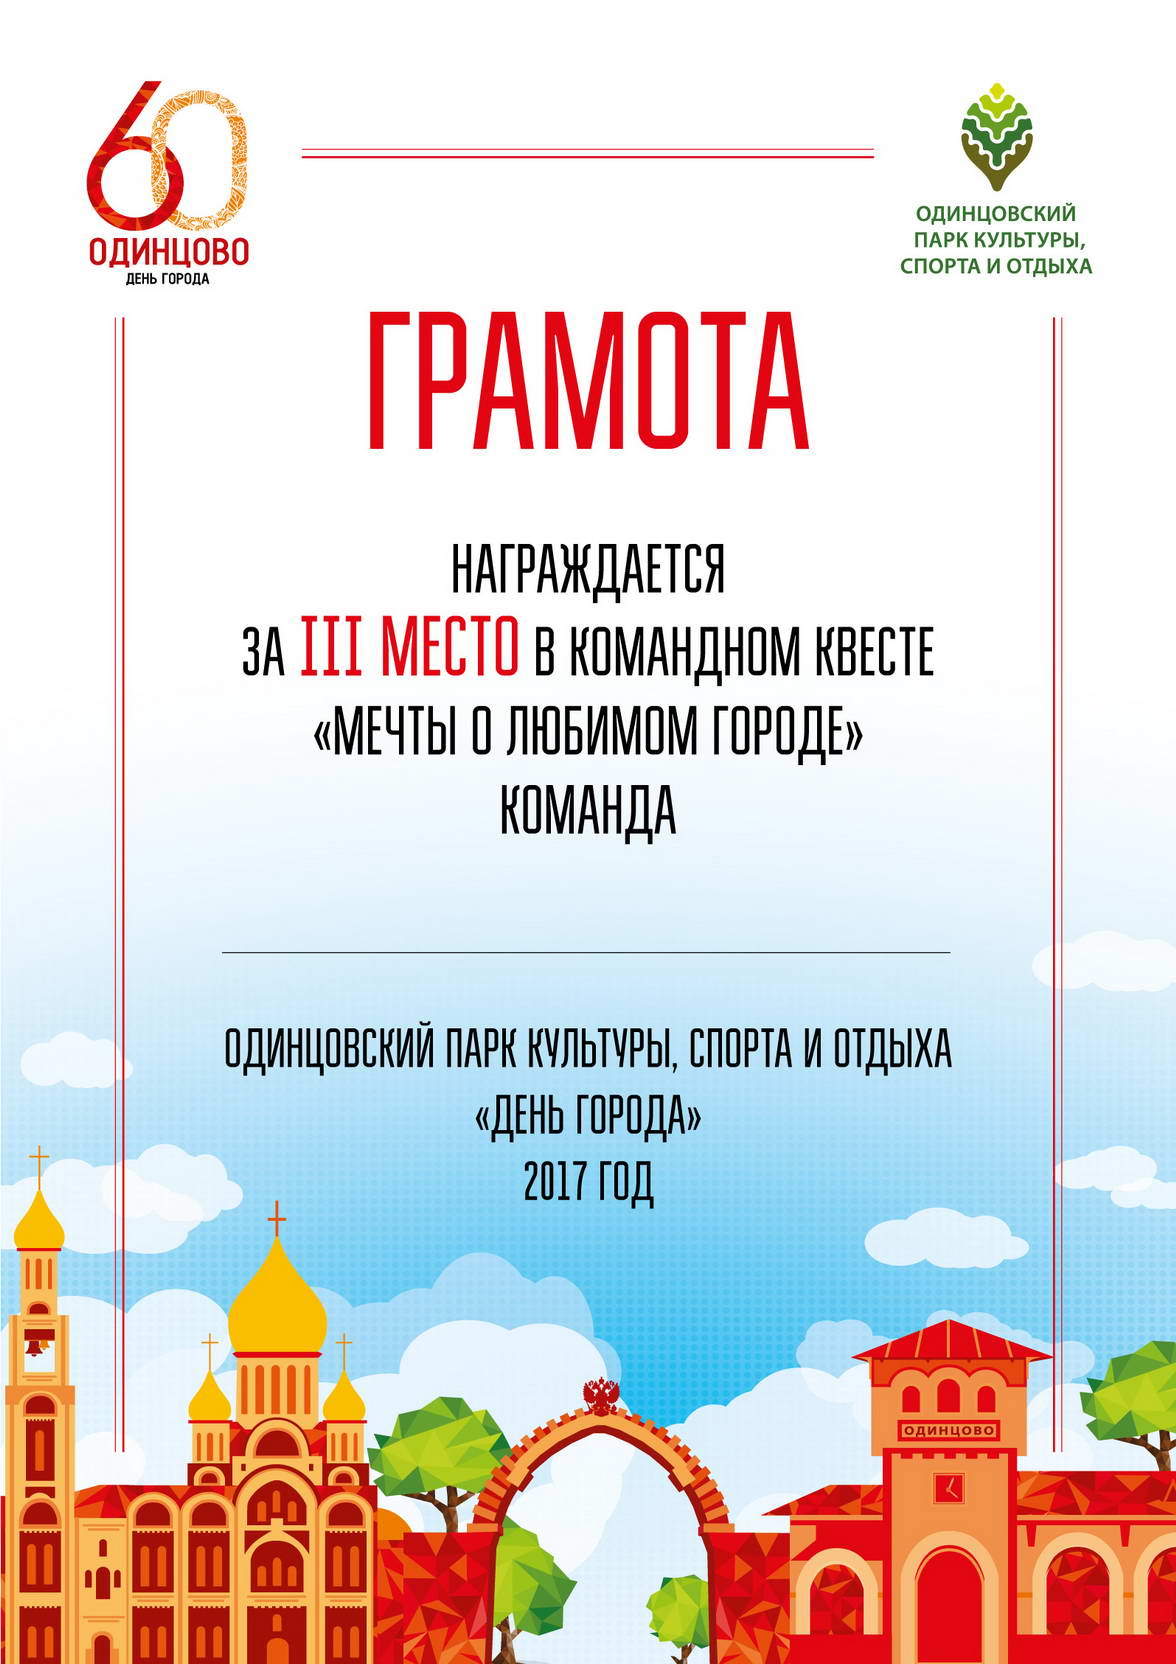 jour Odintsovo 2 сентября дизайн грамоты Одинцовский парк